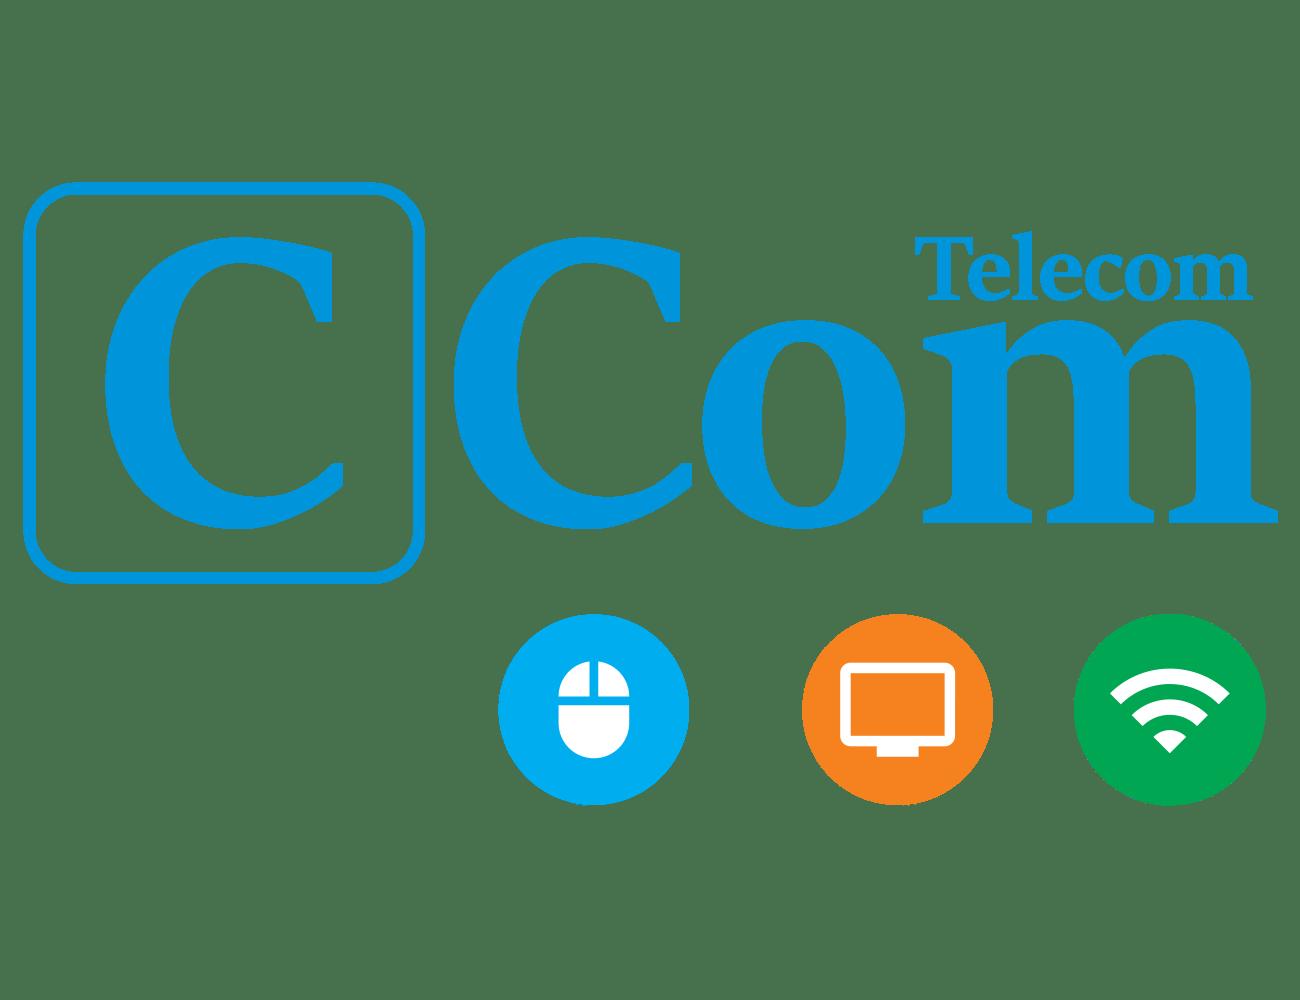 CCOMTELECOM